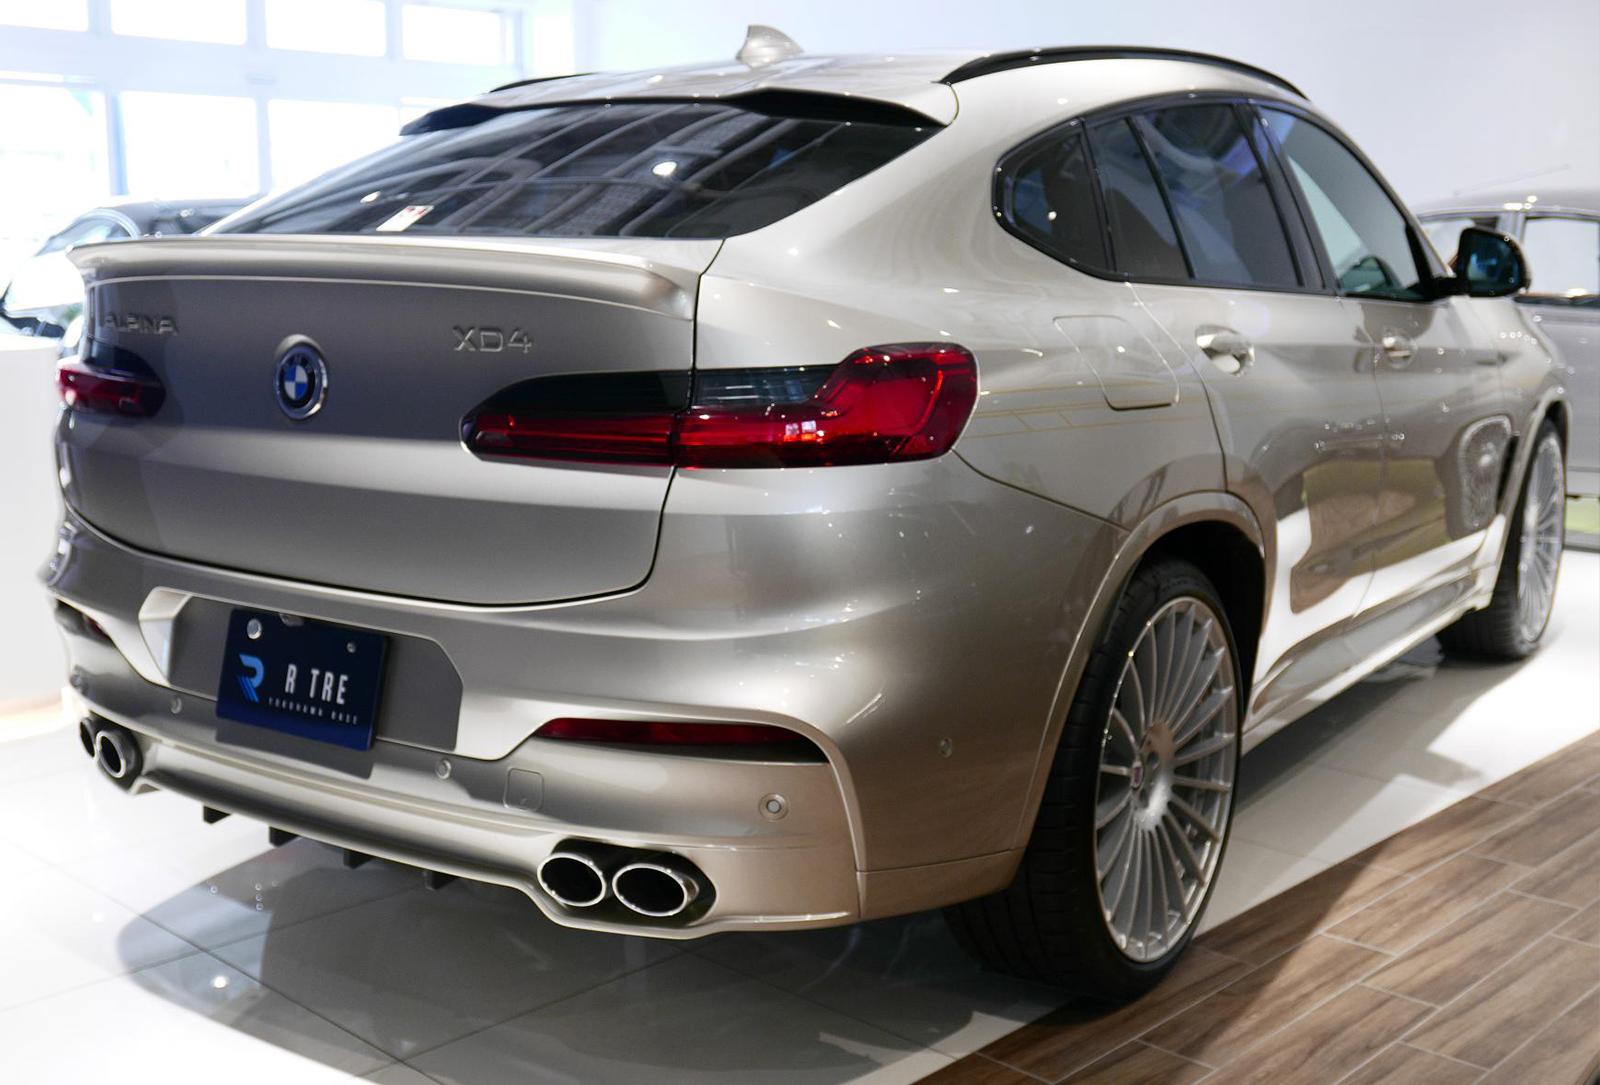 BMW アルピナ XD4 Allrad 右リア